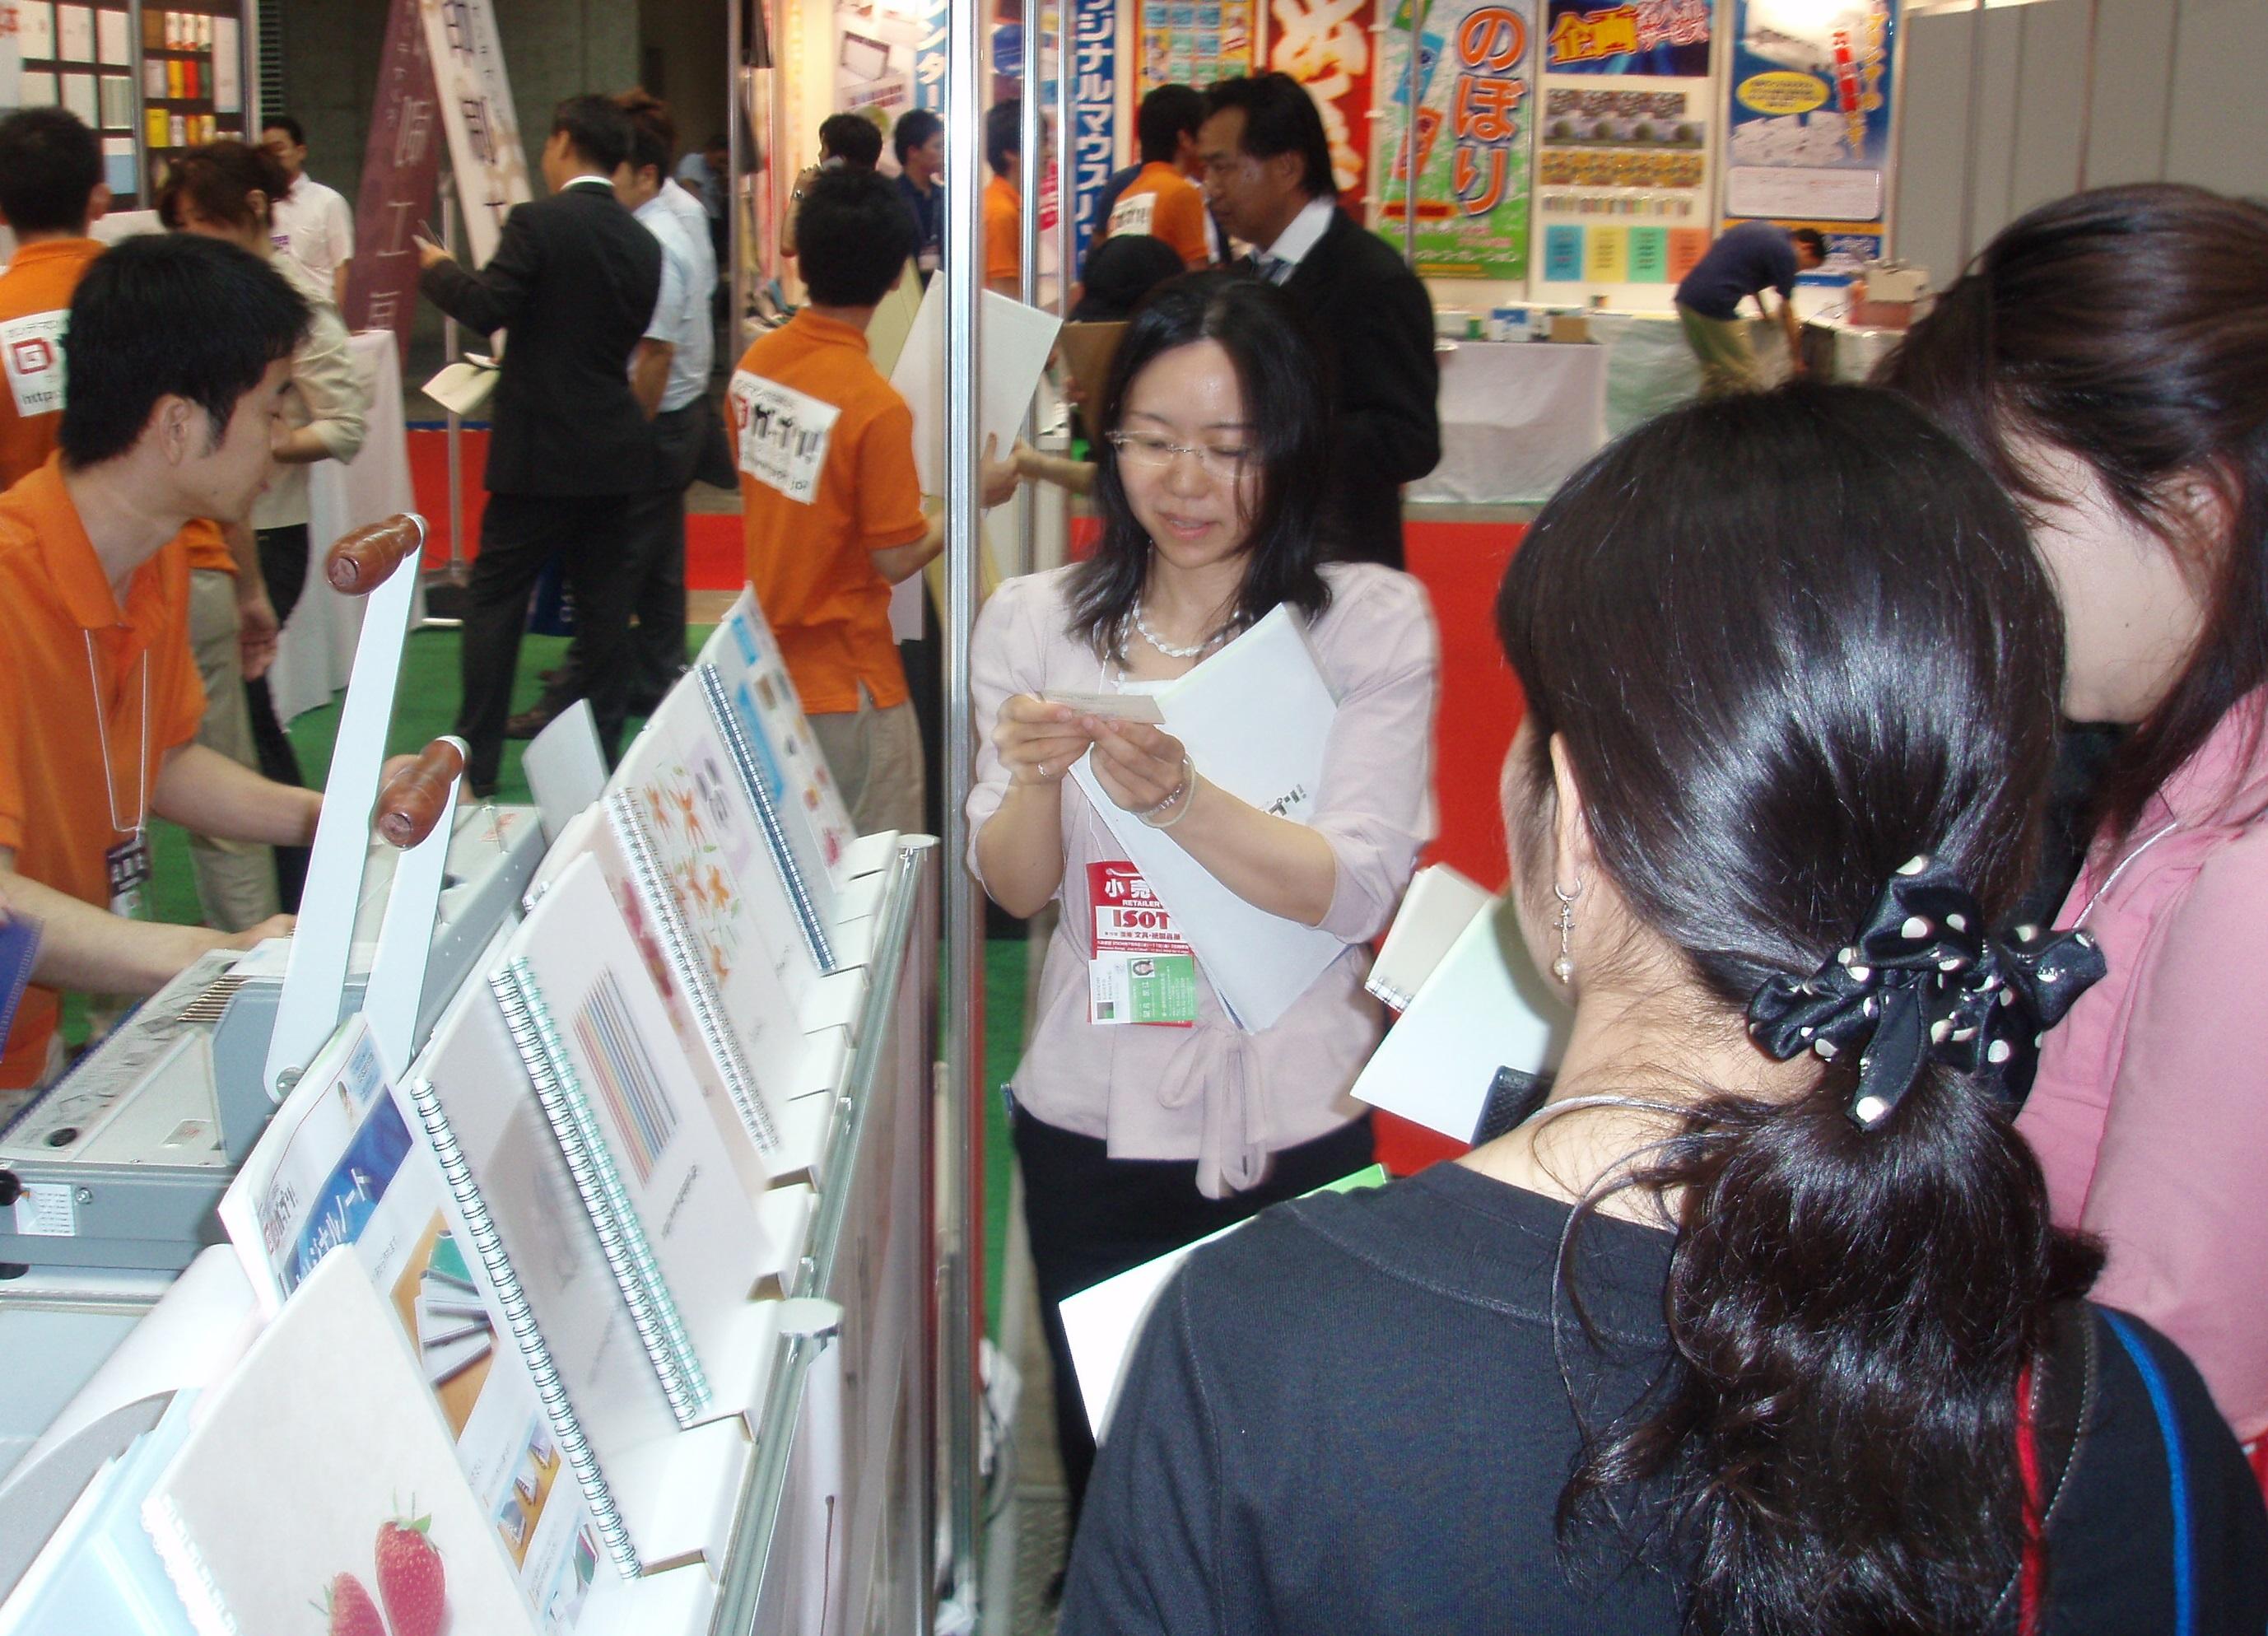 ISOT(国際 文具・紙製品展)2008に出展し オリジナルノート製作のデモンストレーションを行いました